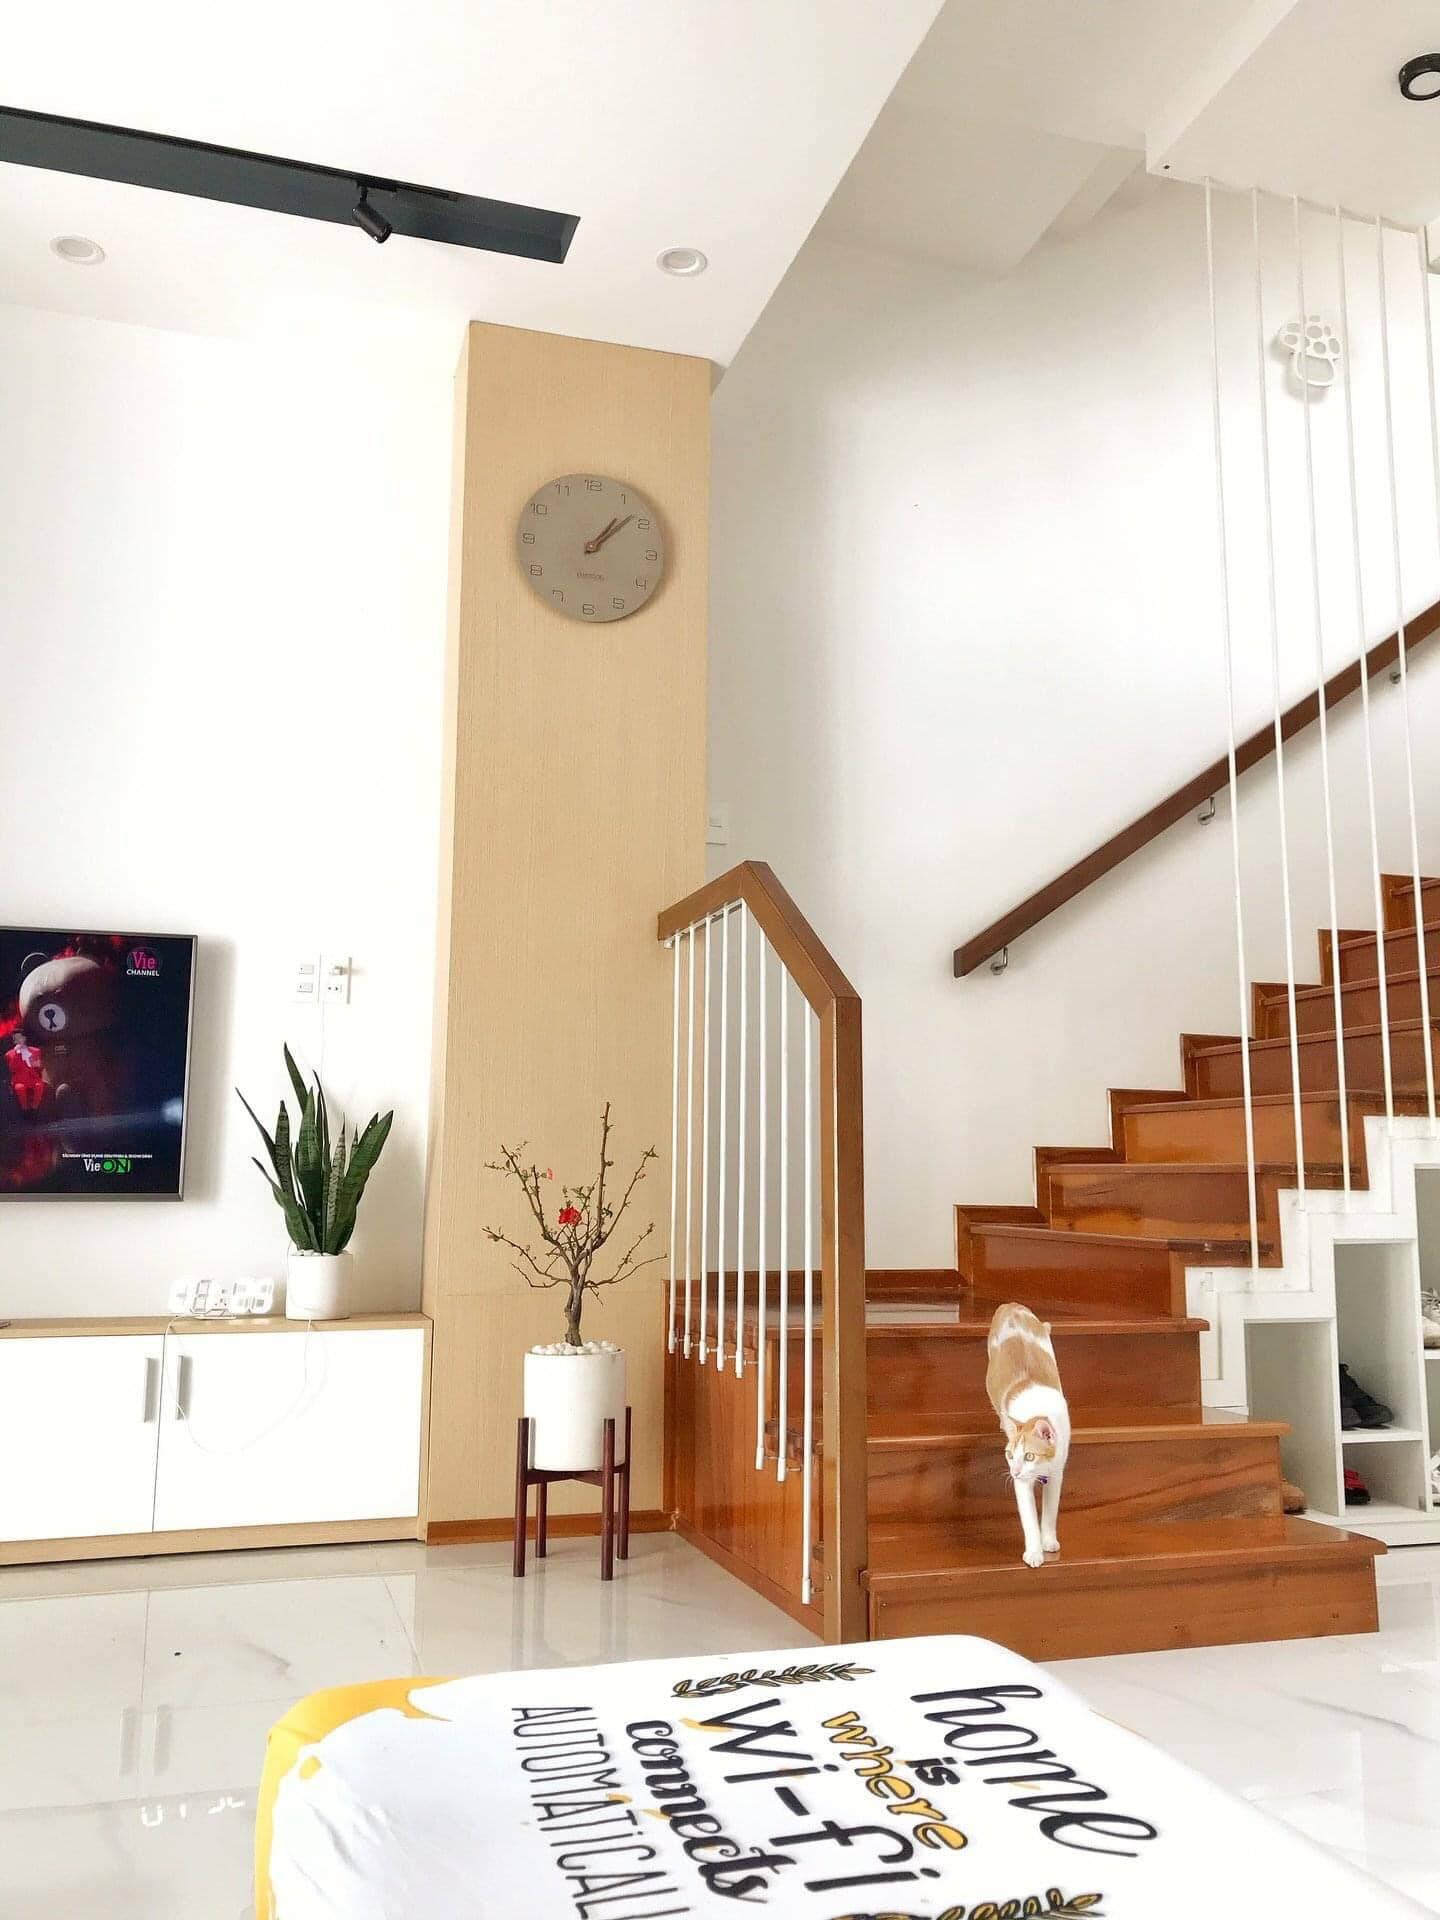 Đồ trang trí trong nhà như đồng hồ, thảm trải sàn… thường được gia chủ chọn lựa kỹ lưỡng và đặt mua trên Taobao.